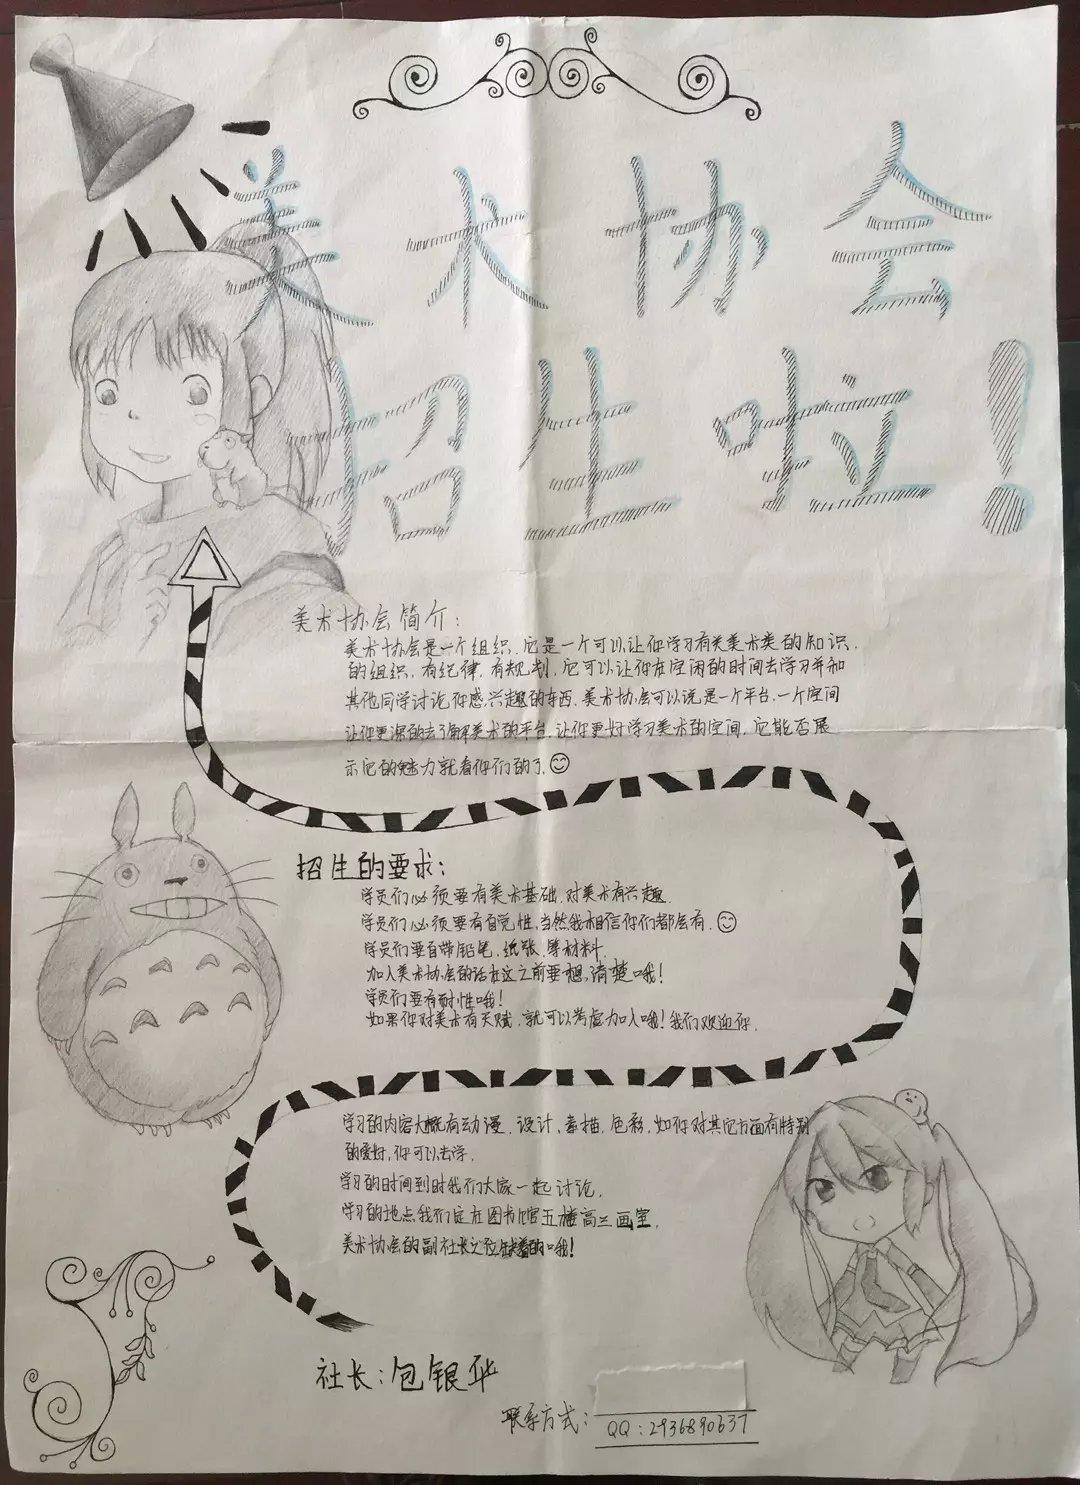 棋社招募手绘海报